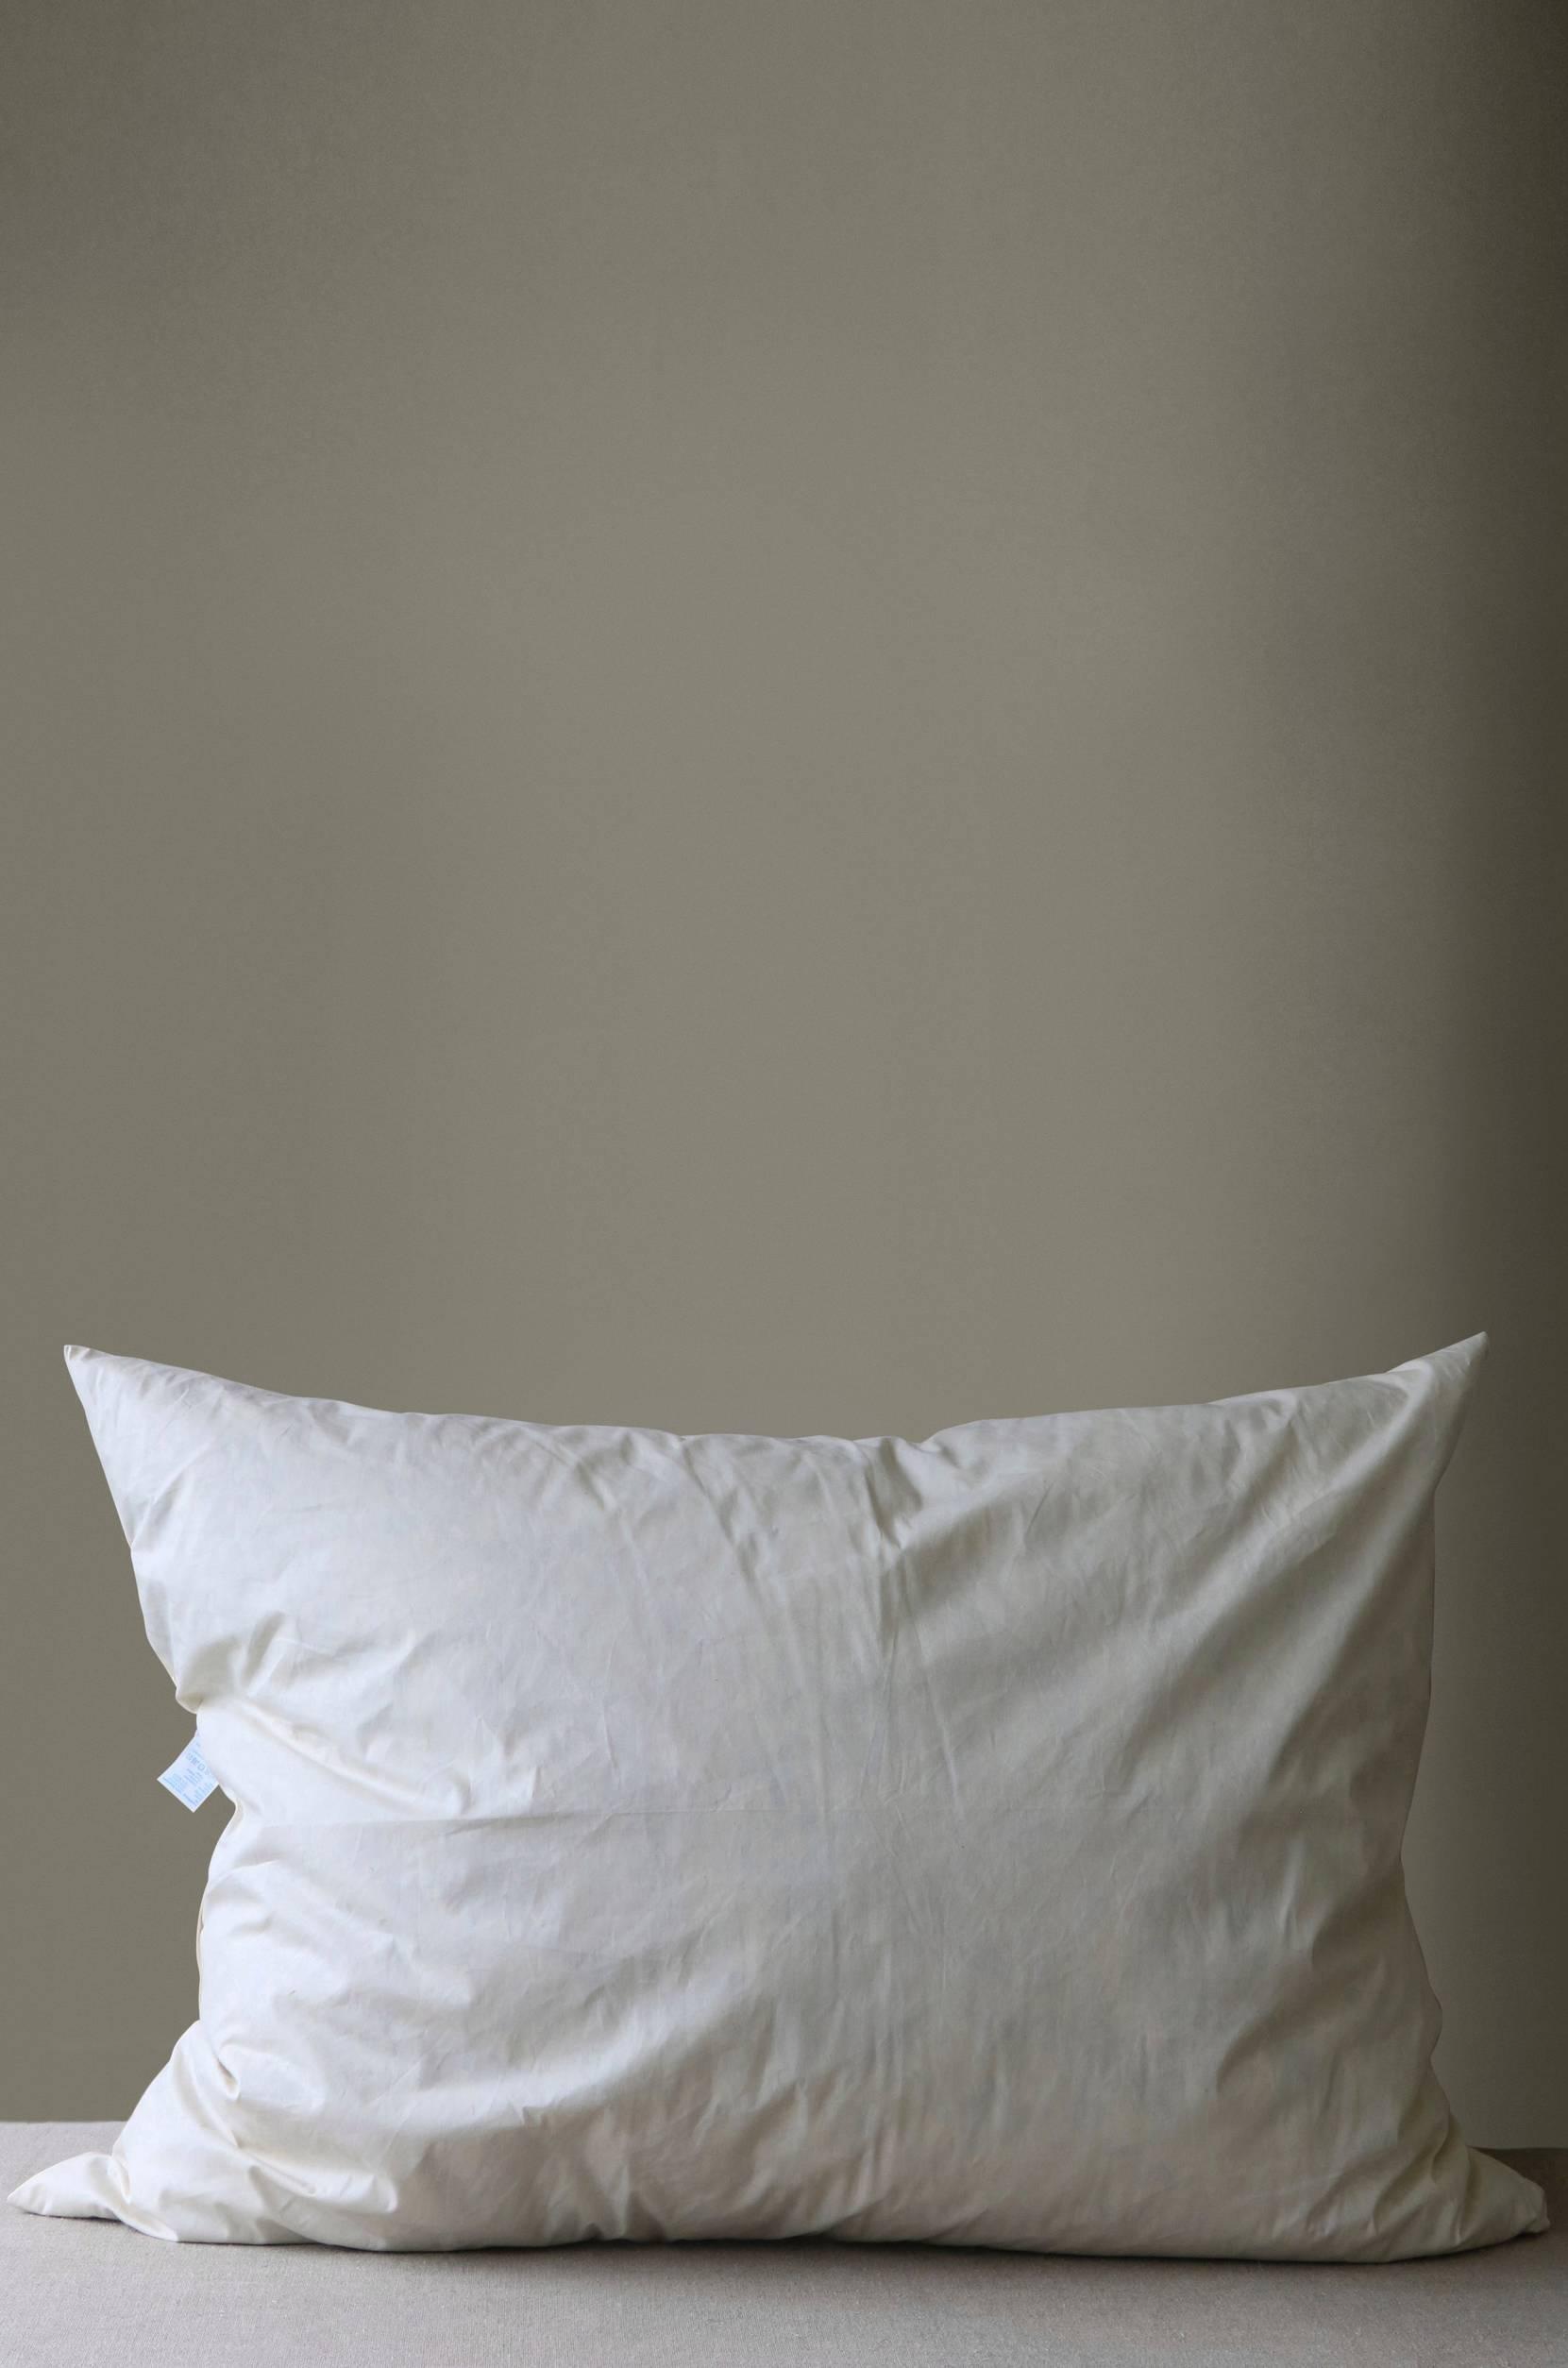 Mimou - Innerkudde 70x90 cm - Natur